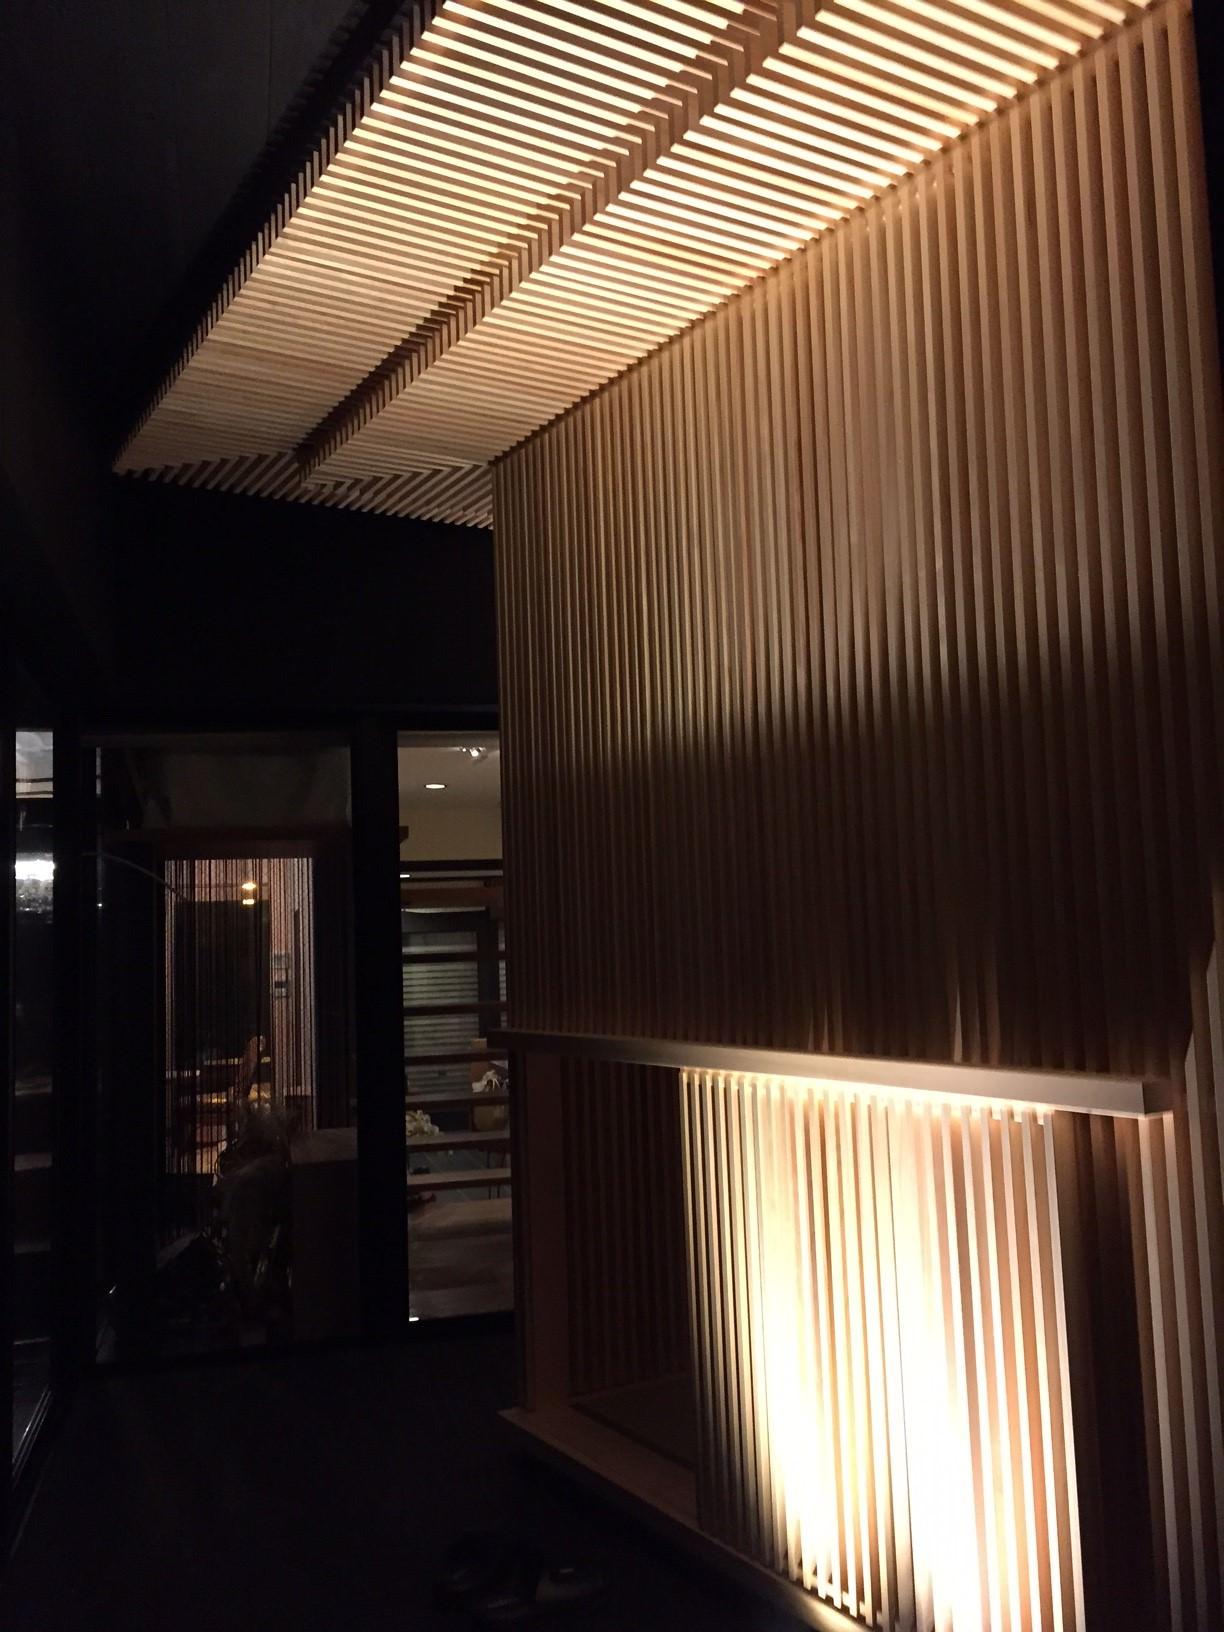 愛知県犬山市「犬山プロジェクト 茶室」リノベーション 体験